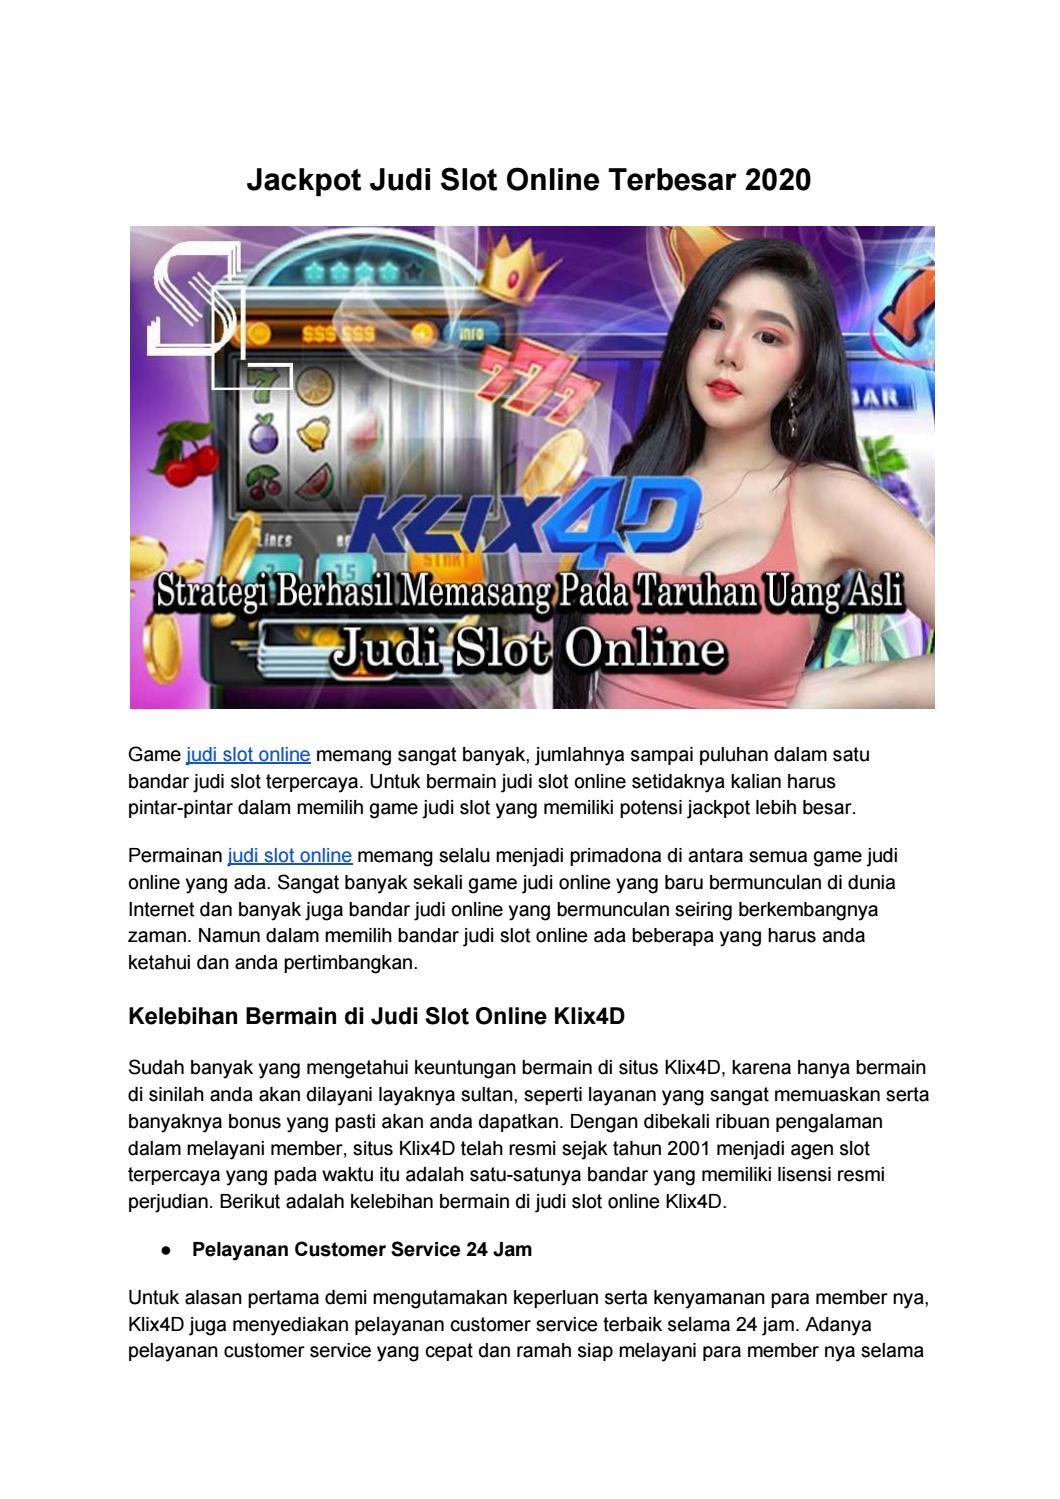 Jackpot Judi Slot Online Terbesar 2020 By Result Togel Online Terpercaya Issuu